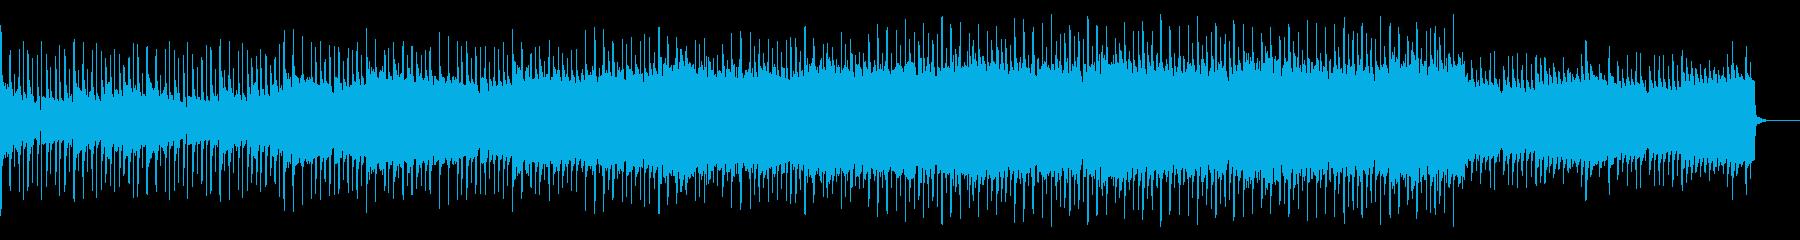 ショートver 広がり 豪華 キラキラの再生済みの波形